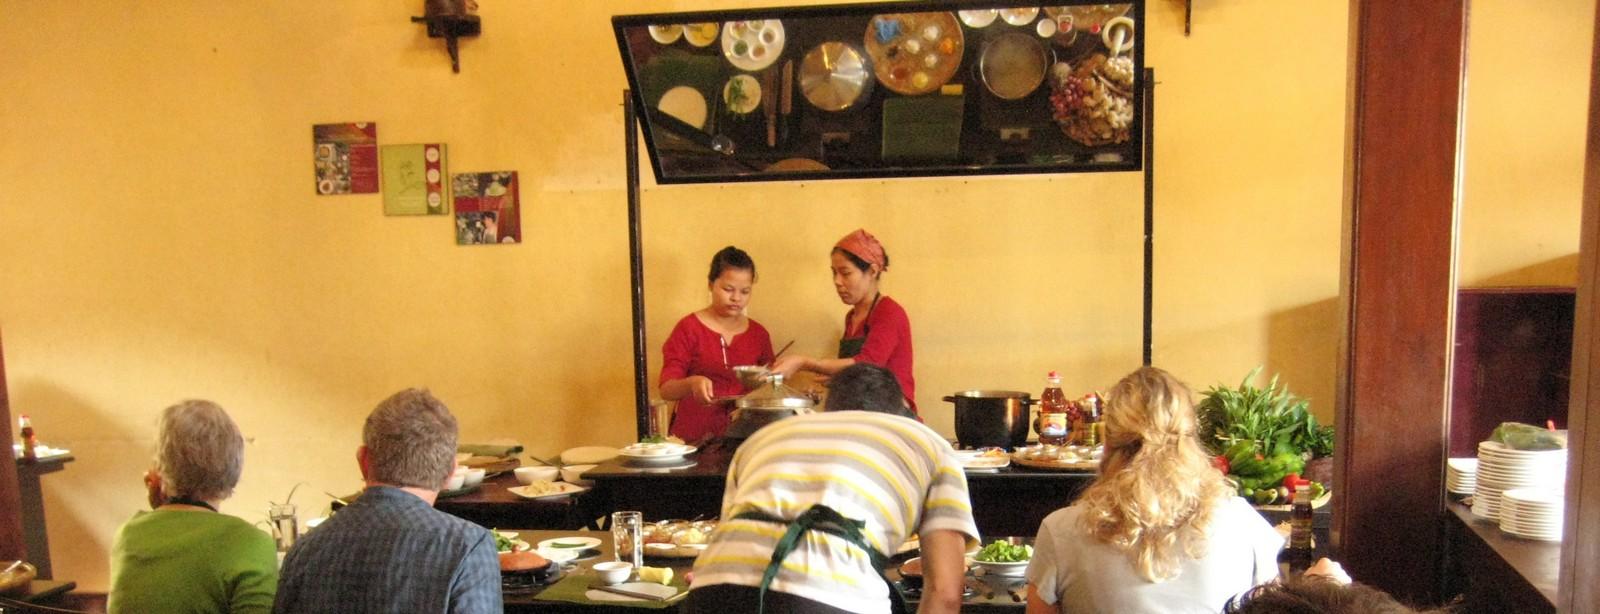 Hoi An Cooking Class